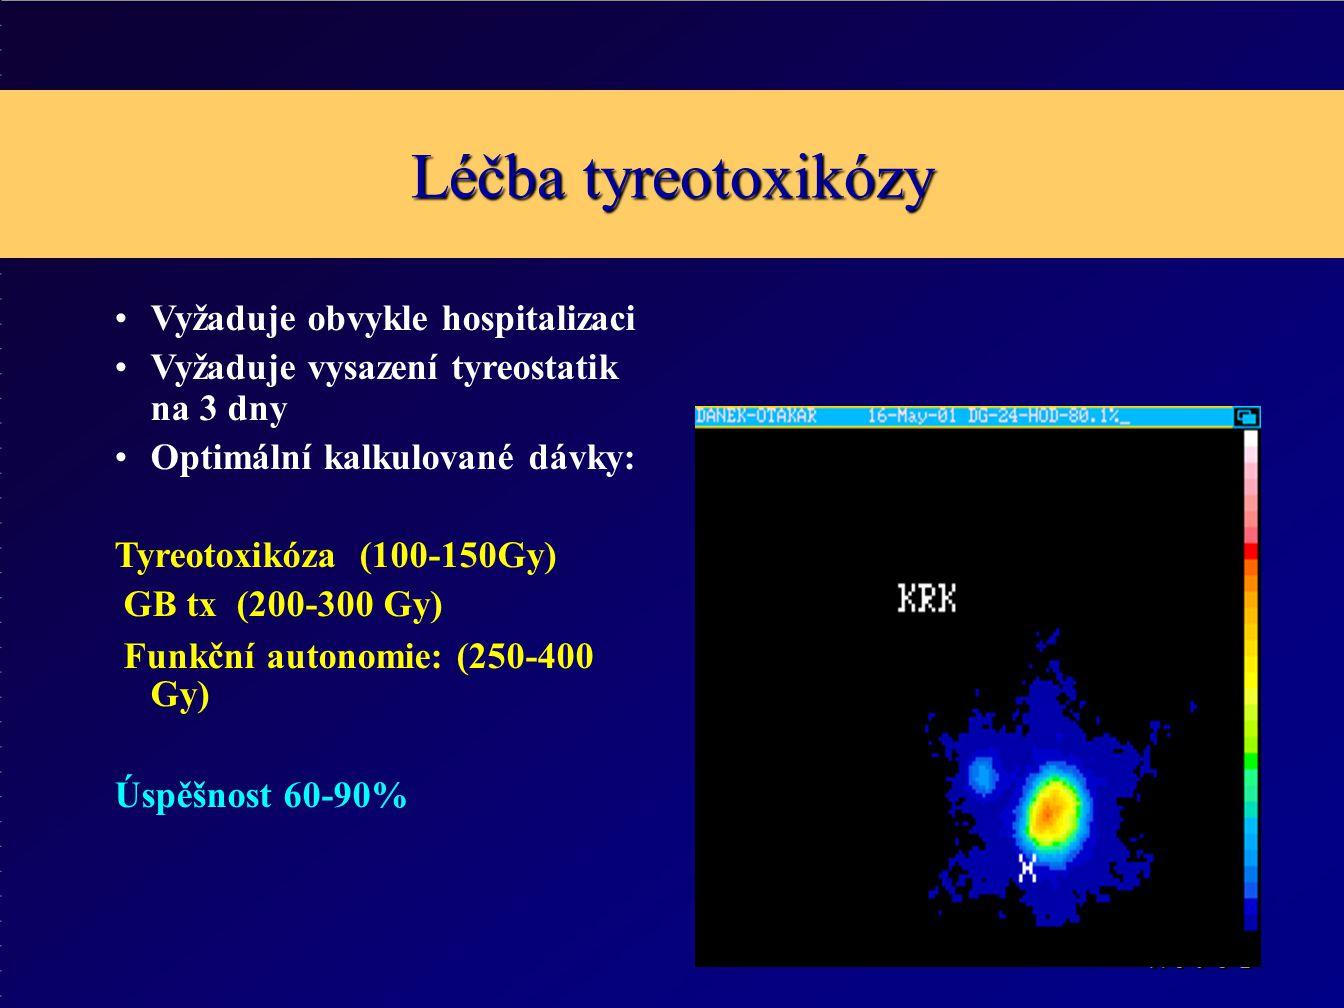 Léčba tyreoidální autoimunitní orbitopatie (TAO) Léčba tyreoidální autoimunitní orbitopatie (TAO) Ablace zbytků štítné žlázy jako dokončení po TTE, v hypotyreóze podat aktivity cca 3,7 GBq 131 I pod clonou kortikoidů (Prednison 30 mg) dobrý efekt léčby = negativní TRAK